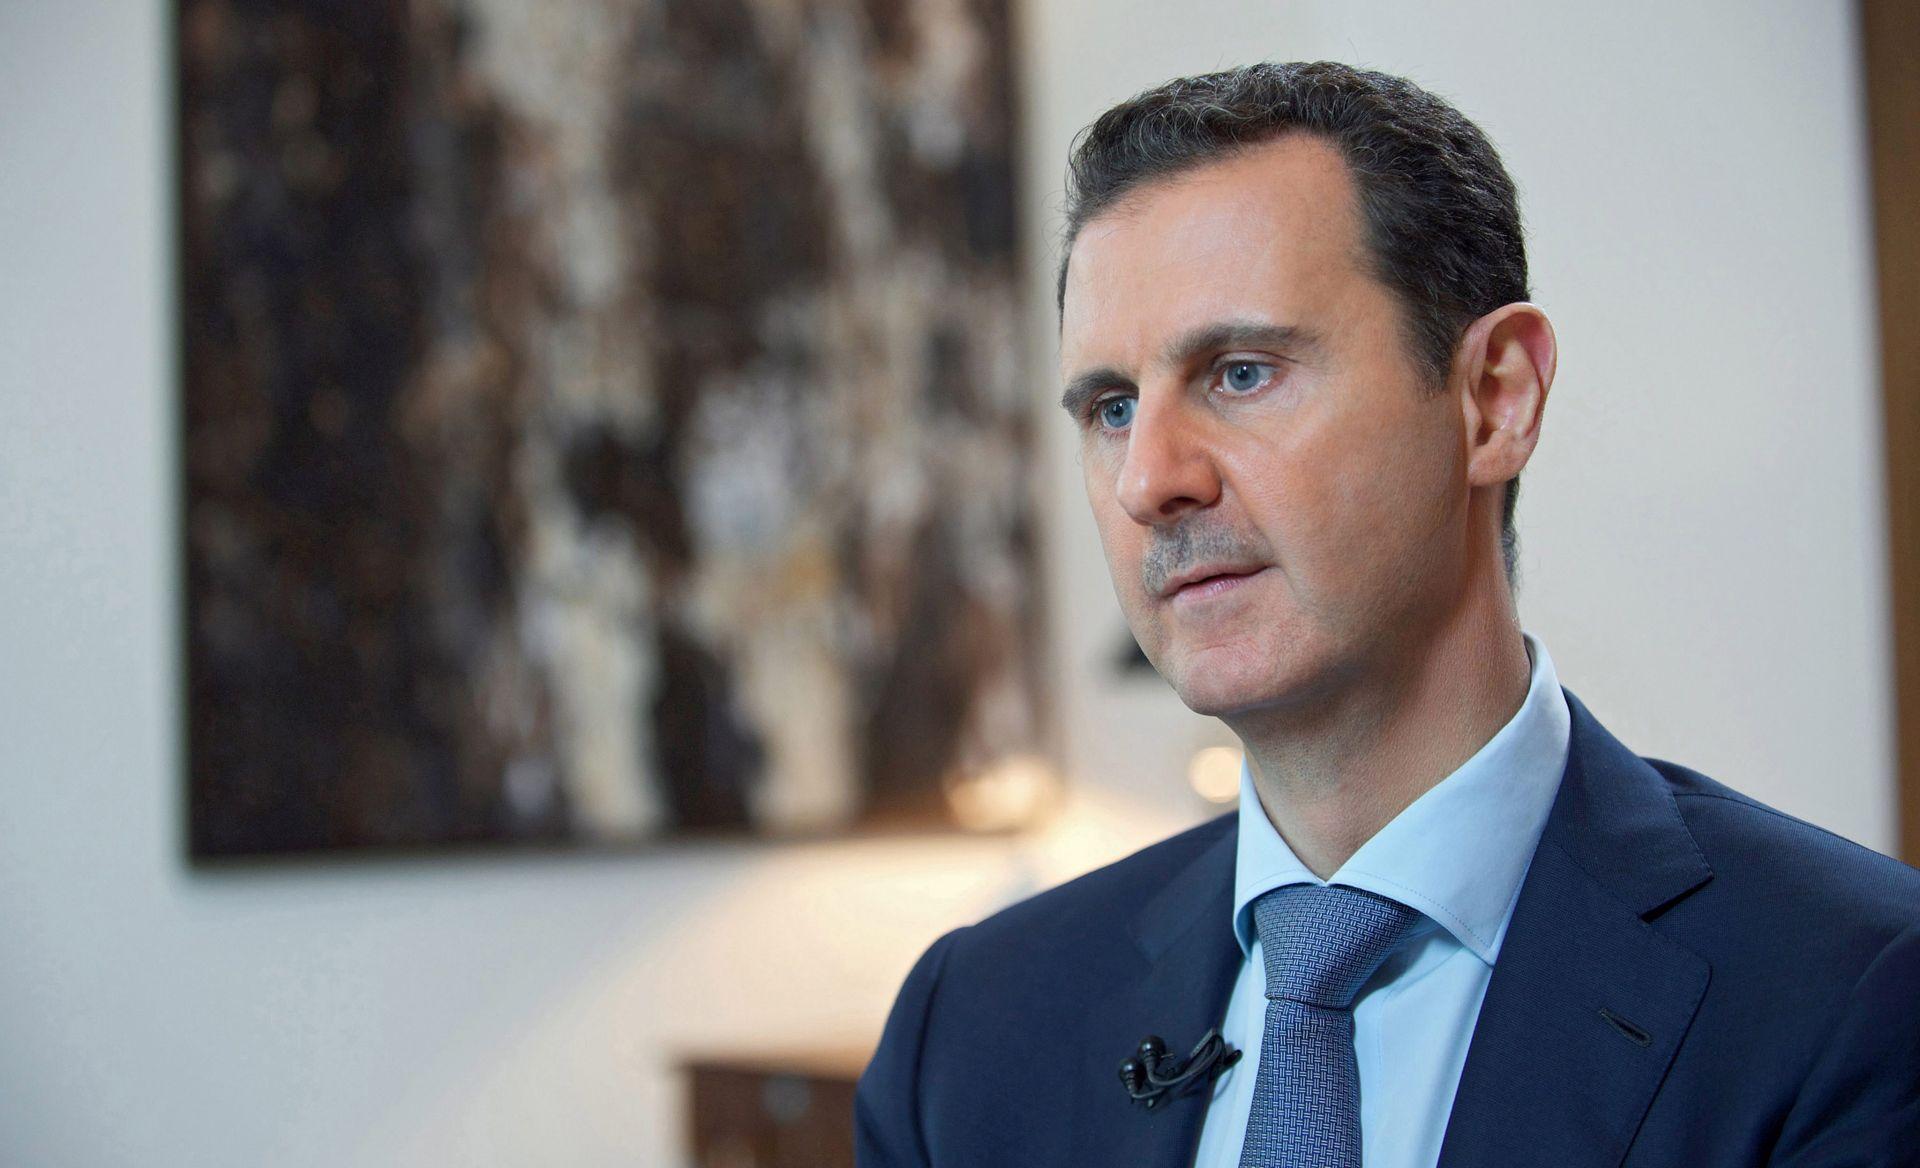 PRIJATELJSKI SUSRET: Asad se sastao s Putinom u Moskvi